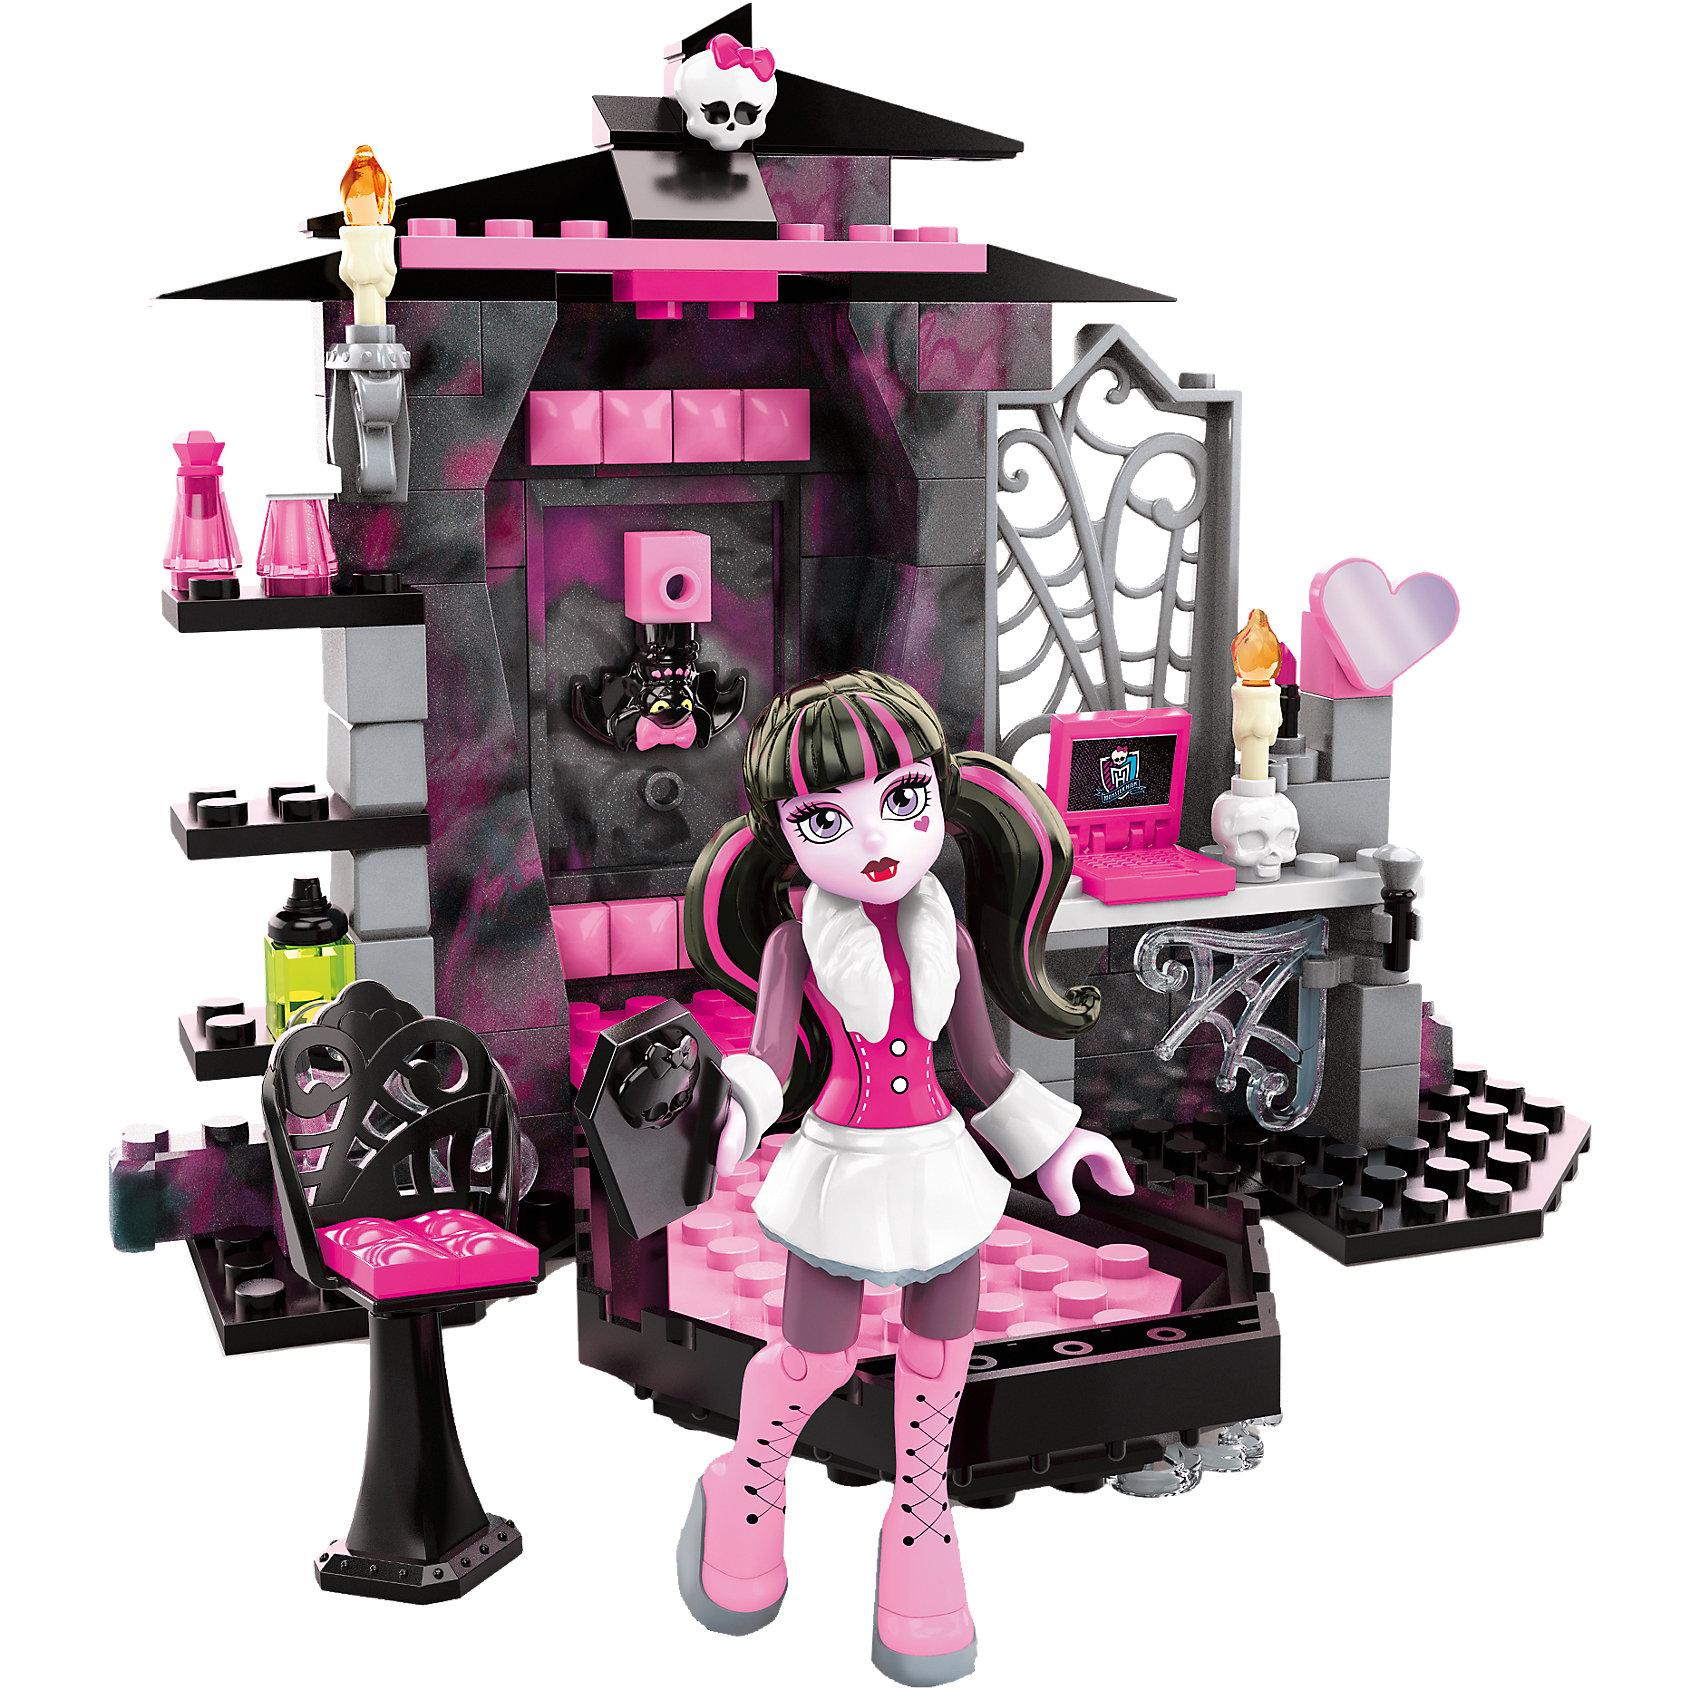 Набор Комната Дракулауры  Monster High  MEGA BLOKSНабор-конструктор Комната Дракулауры, Monster High, MEGA BLOKS, порадует всех юных поклонниц мультсериала Школа монстров. Дракулаура - популярная героиня мультсериала, дочь самого графа Дракулы, однако она совсем не похожа на своего отца, не пьет крови и является убежденной вегетарианкой. В комплекте Вы найдете все необходимые элементы для сборки уютной комнатки любимой героини. В комнате множество интересных деталей, которые делают игру по настоящему захватывающей: гробик, в котором можно обнаружить очаровательную хозяйку, повисшую вниз головой как летучая мышь, потайная стенка, где прячется любимейший питомец Дракулауры - Граф Великолепный. Различные декоративные элементы, такие как узорные решетки, свечи, подиум и другие, красиво дополнят интерьер. Как любая современная школьница Дракулаура следит за своей внешностью, а макияжный столик и набор косметики помогут ей выглядеть всегда стильно и ослепительно. В комплект также входят сама куколка Дракулаура в оригинальном наряде и с ярким макияжем, ее аксессуары, и ее питомец летучая мышь. Ноги и руки куклы подвижные, кисти рук приспособлены для закрепления в них различных предметов. Комплект удобен для быстрой сборки и для хранения в компактном состоянии. <br><br>Дополнительная информация:<br><br>- В комплекте: 128 деталей (сборная спальня с креслом для макияжа и полками, 1 мини-фигурку Дракулауры, 1 фигурка ее питомца летучей мыши, различные аксессуары: зеркало, помада, телефон, предметы для макияжа).<br>- Материал: пластик.<br>- Размер упаковки: 15,2 х 4,5 х 24,4 см.<br>- Вес: 0,35 кг.<br><br>Набор Комната Дракулауры, Monster High, MEGA BLOKS, можно купить в нашем интернет-магазине.<br><br>Ширина мм: 245<br>Глубина мм: 154<br>Высота мм: 46<br>Вес г: 270<br>Возраст от месяцев: 72<br>Возраст до месяцев: 120<br>Пол: Женский<br>Возраст: Детский<br>SKU: 4168145